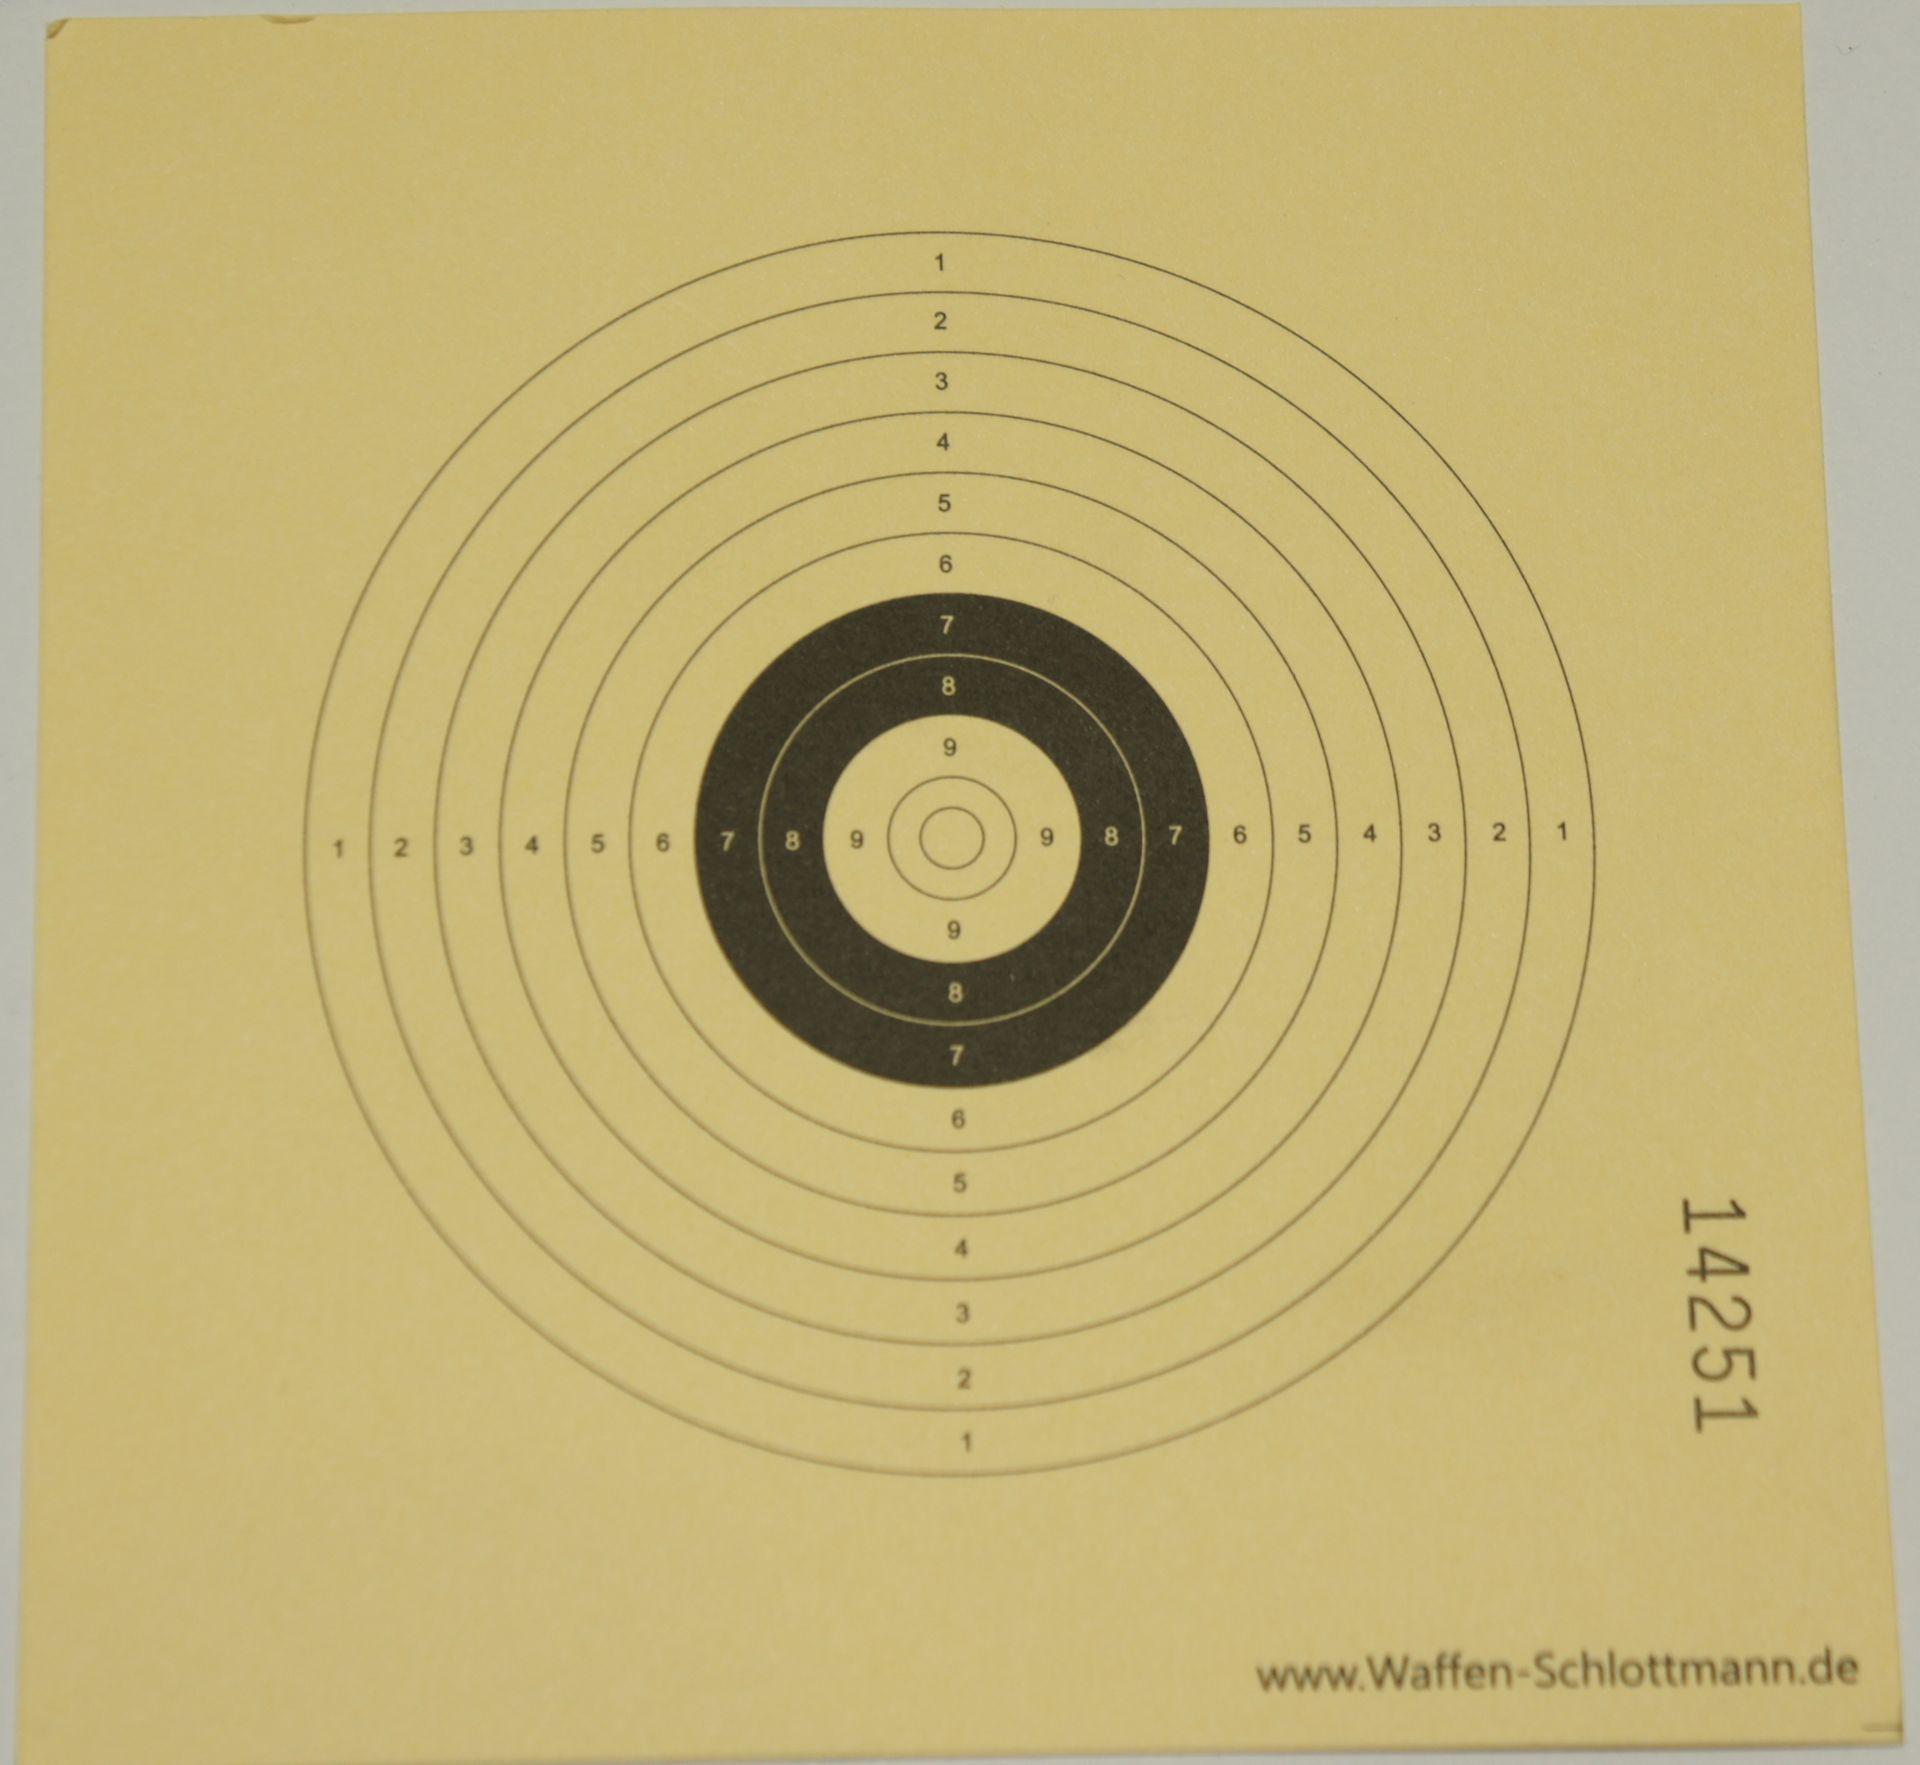 Verkleinerte BDS Zielscheibe im Format 14x14cm für Distanz 5m